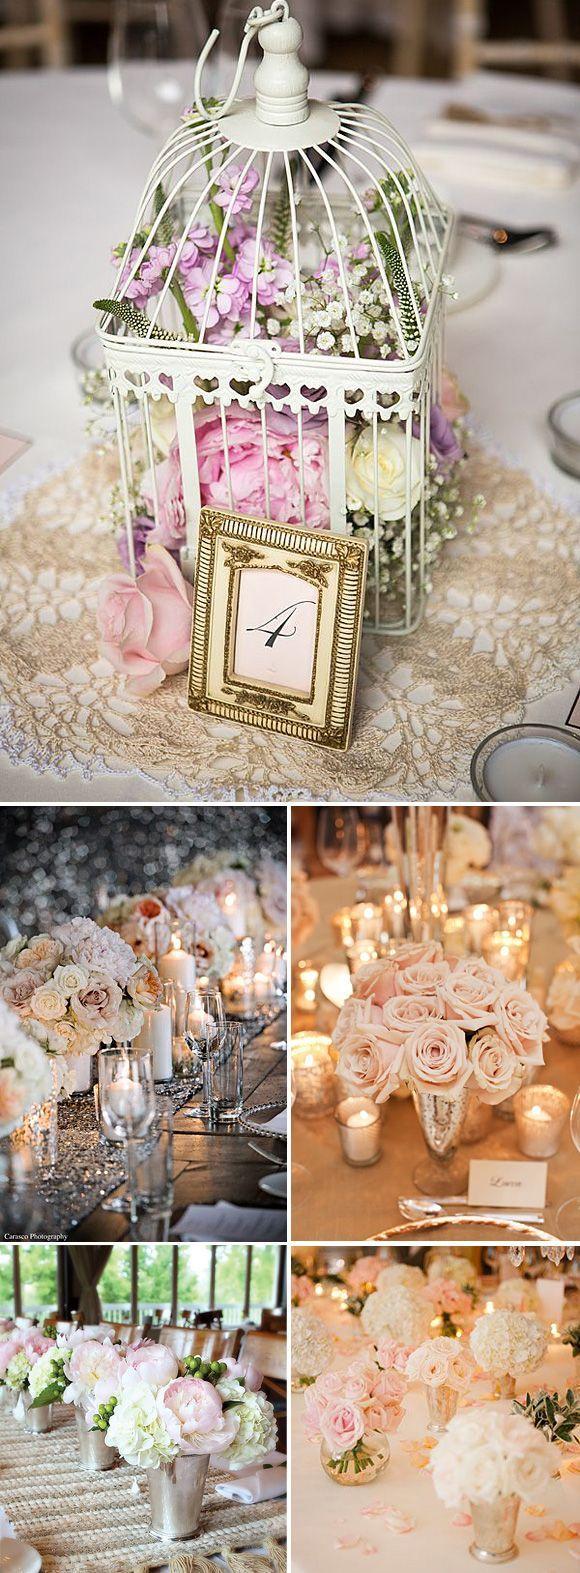 Boda m s rom ntica con numerosas ideas creativas flower - Bodas sencillas y romanticas ...